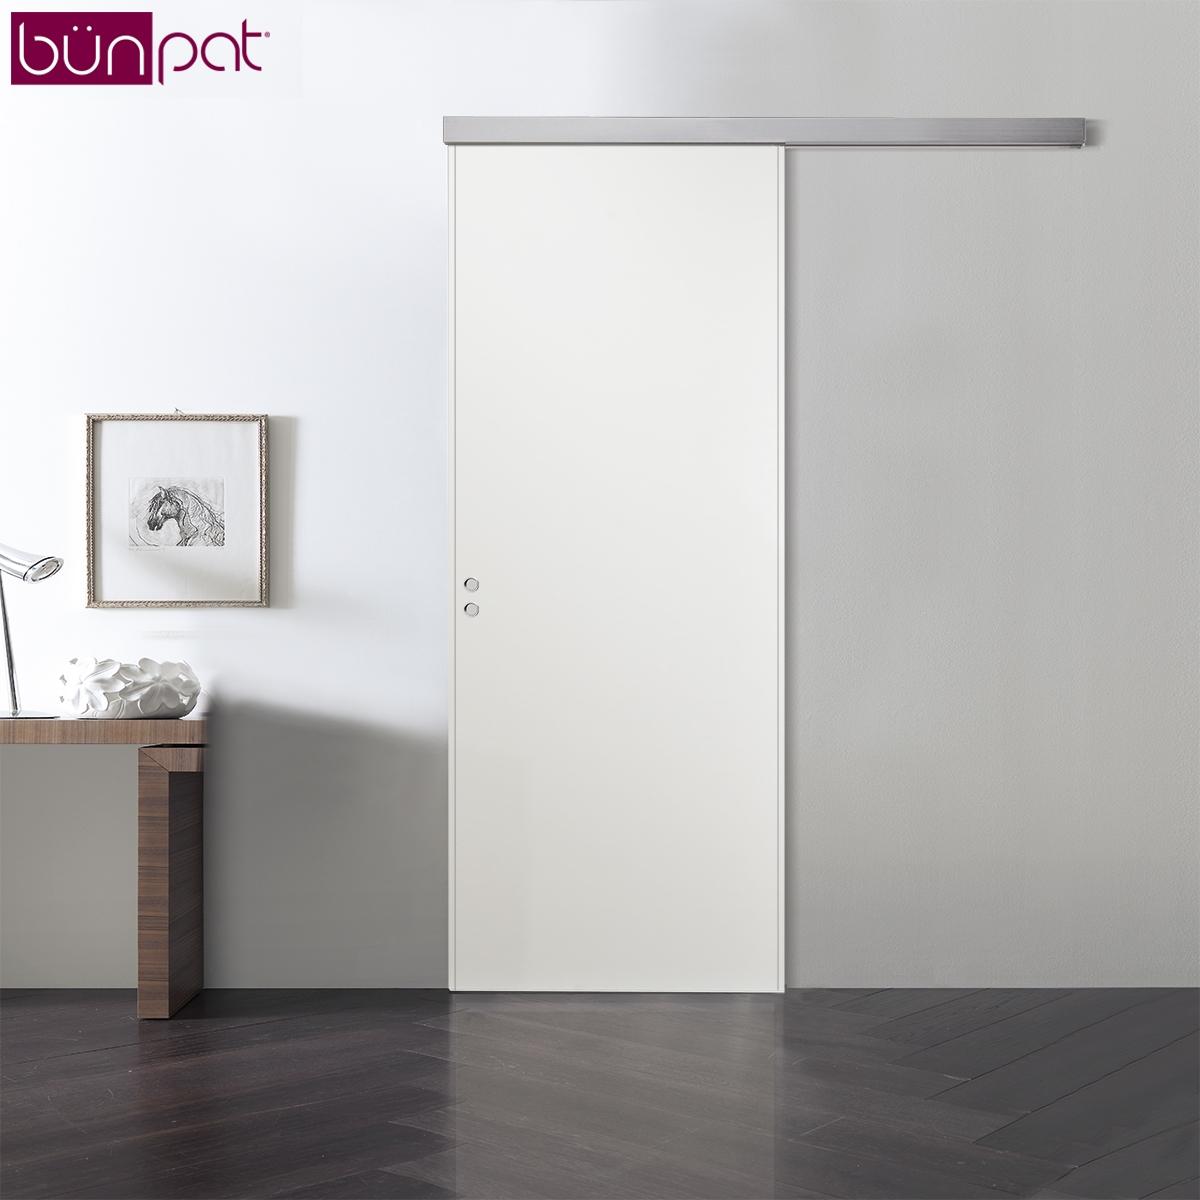 Porta bunpat scorrevole esterno muro colore bianco - Porta scorrevole esterna muro ...